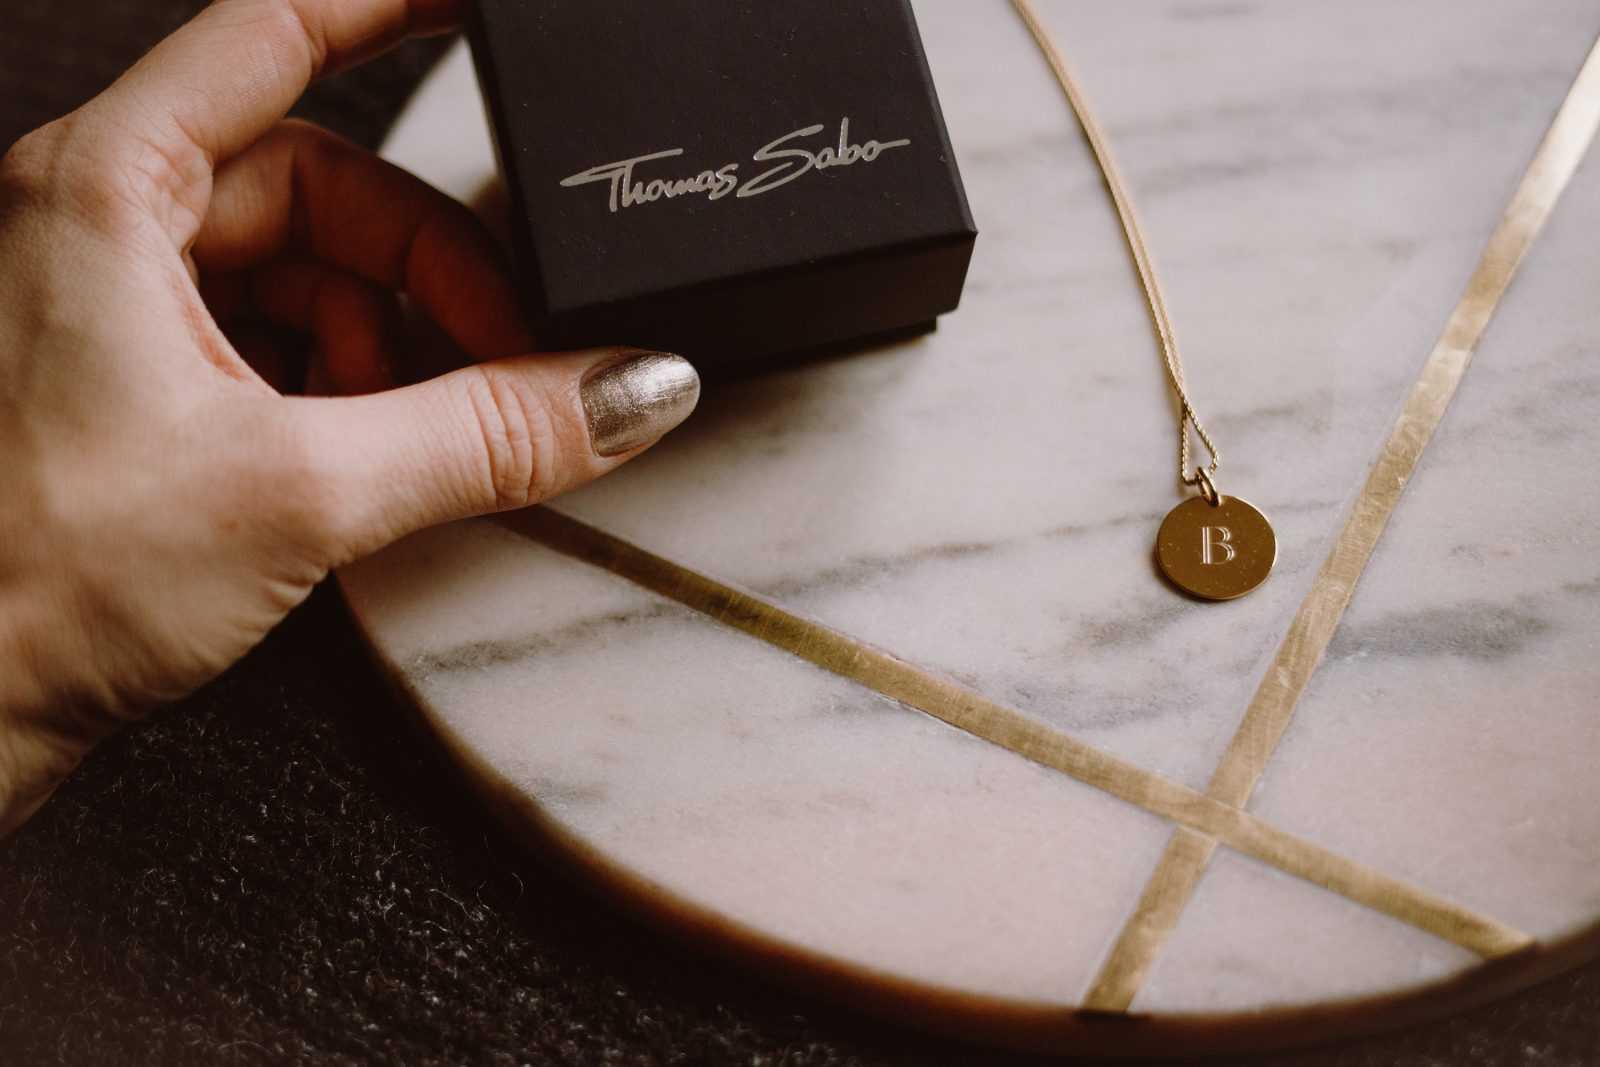 Thomas Sabo gravierter Schmuck Gravur Halskette Schmuckstücke Weihnachtsgeschenk Weihnachten gold Sariety Fashionblogger Modeblog Heidelberg_18